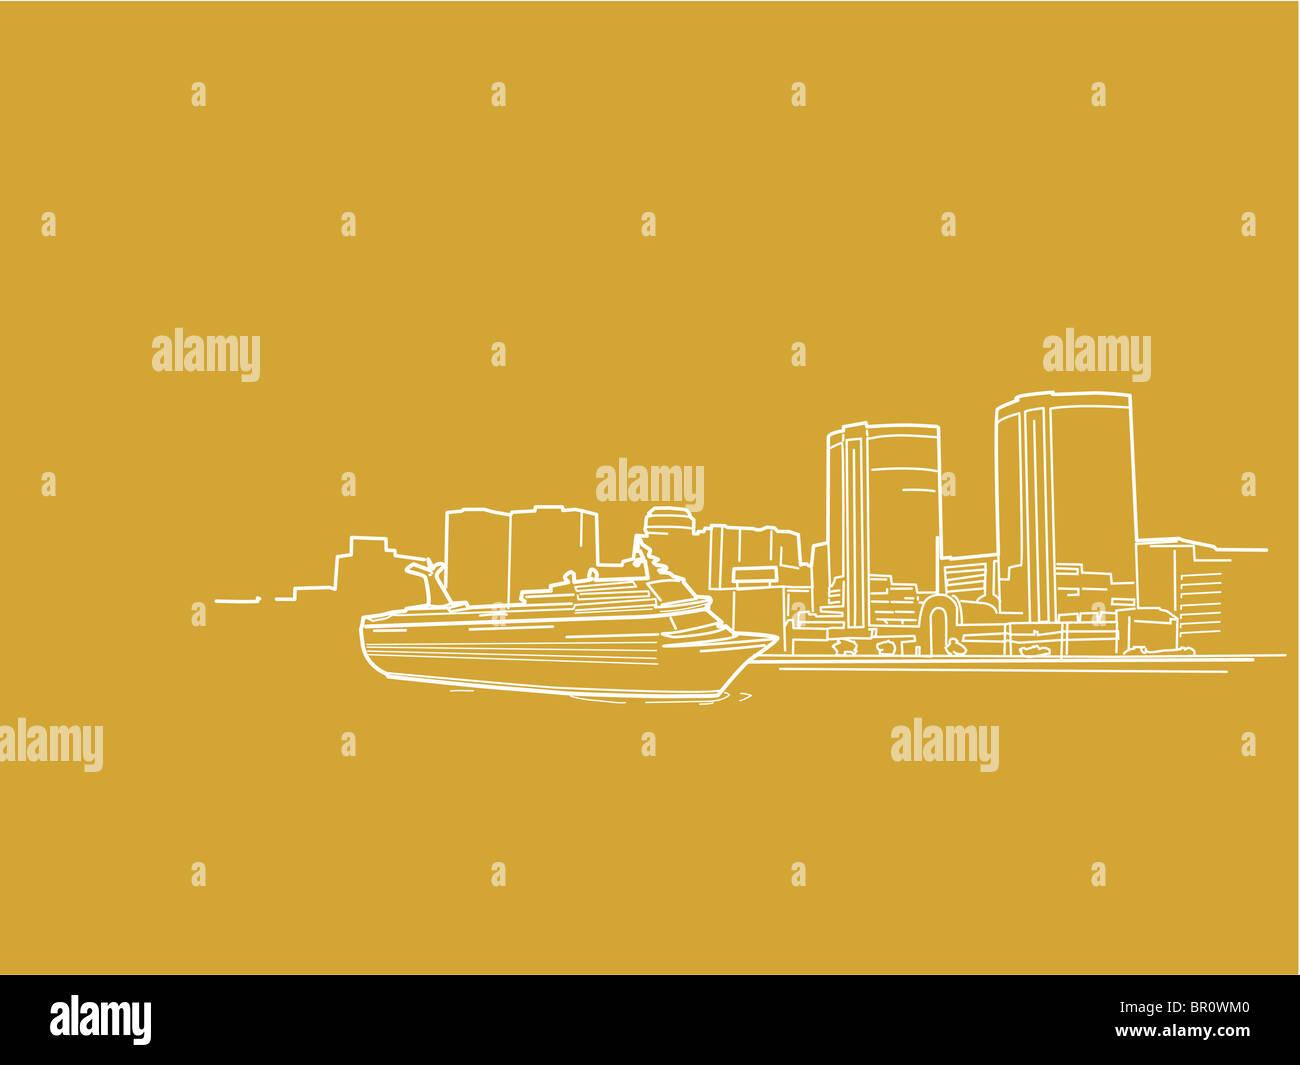 Una illustrazione di una crociera del porto Immagini Stock